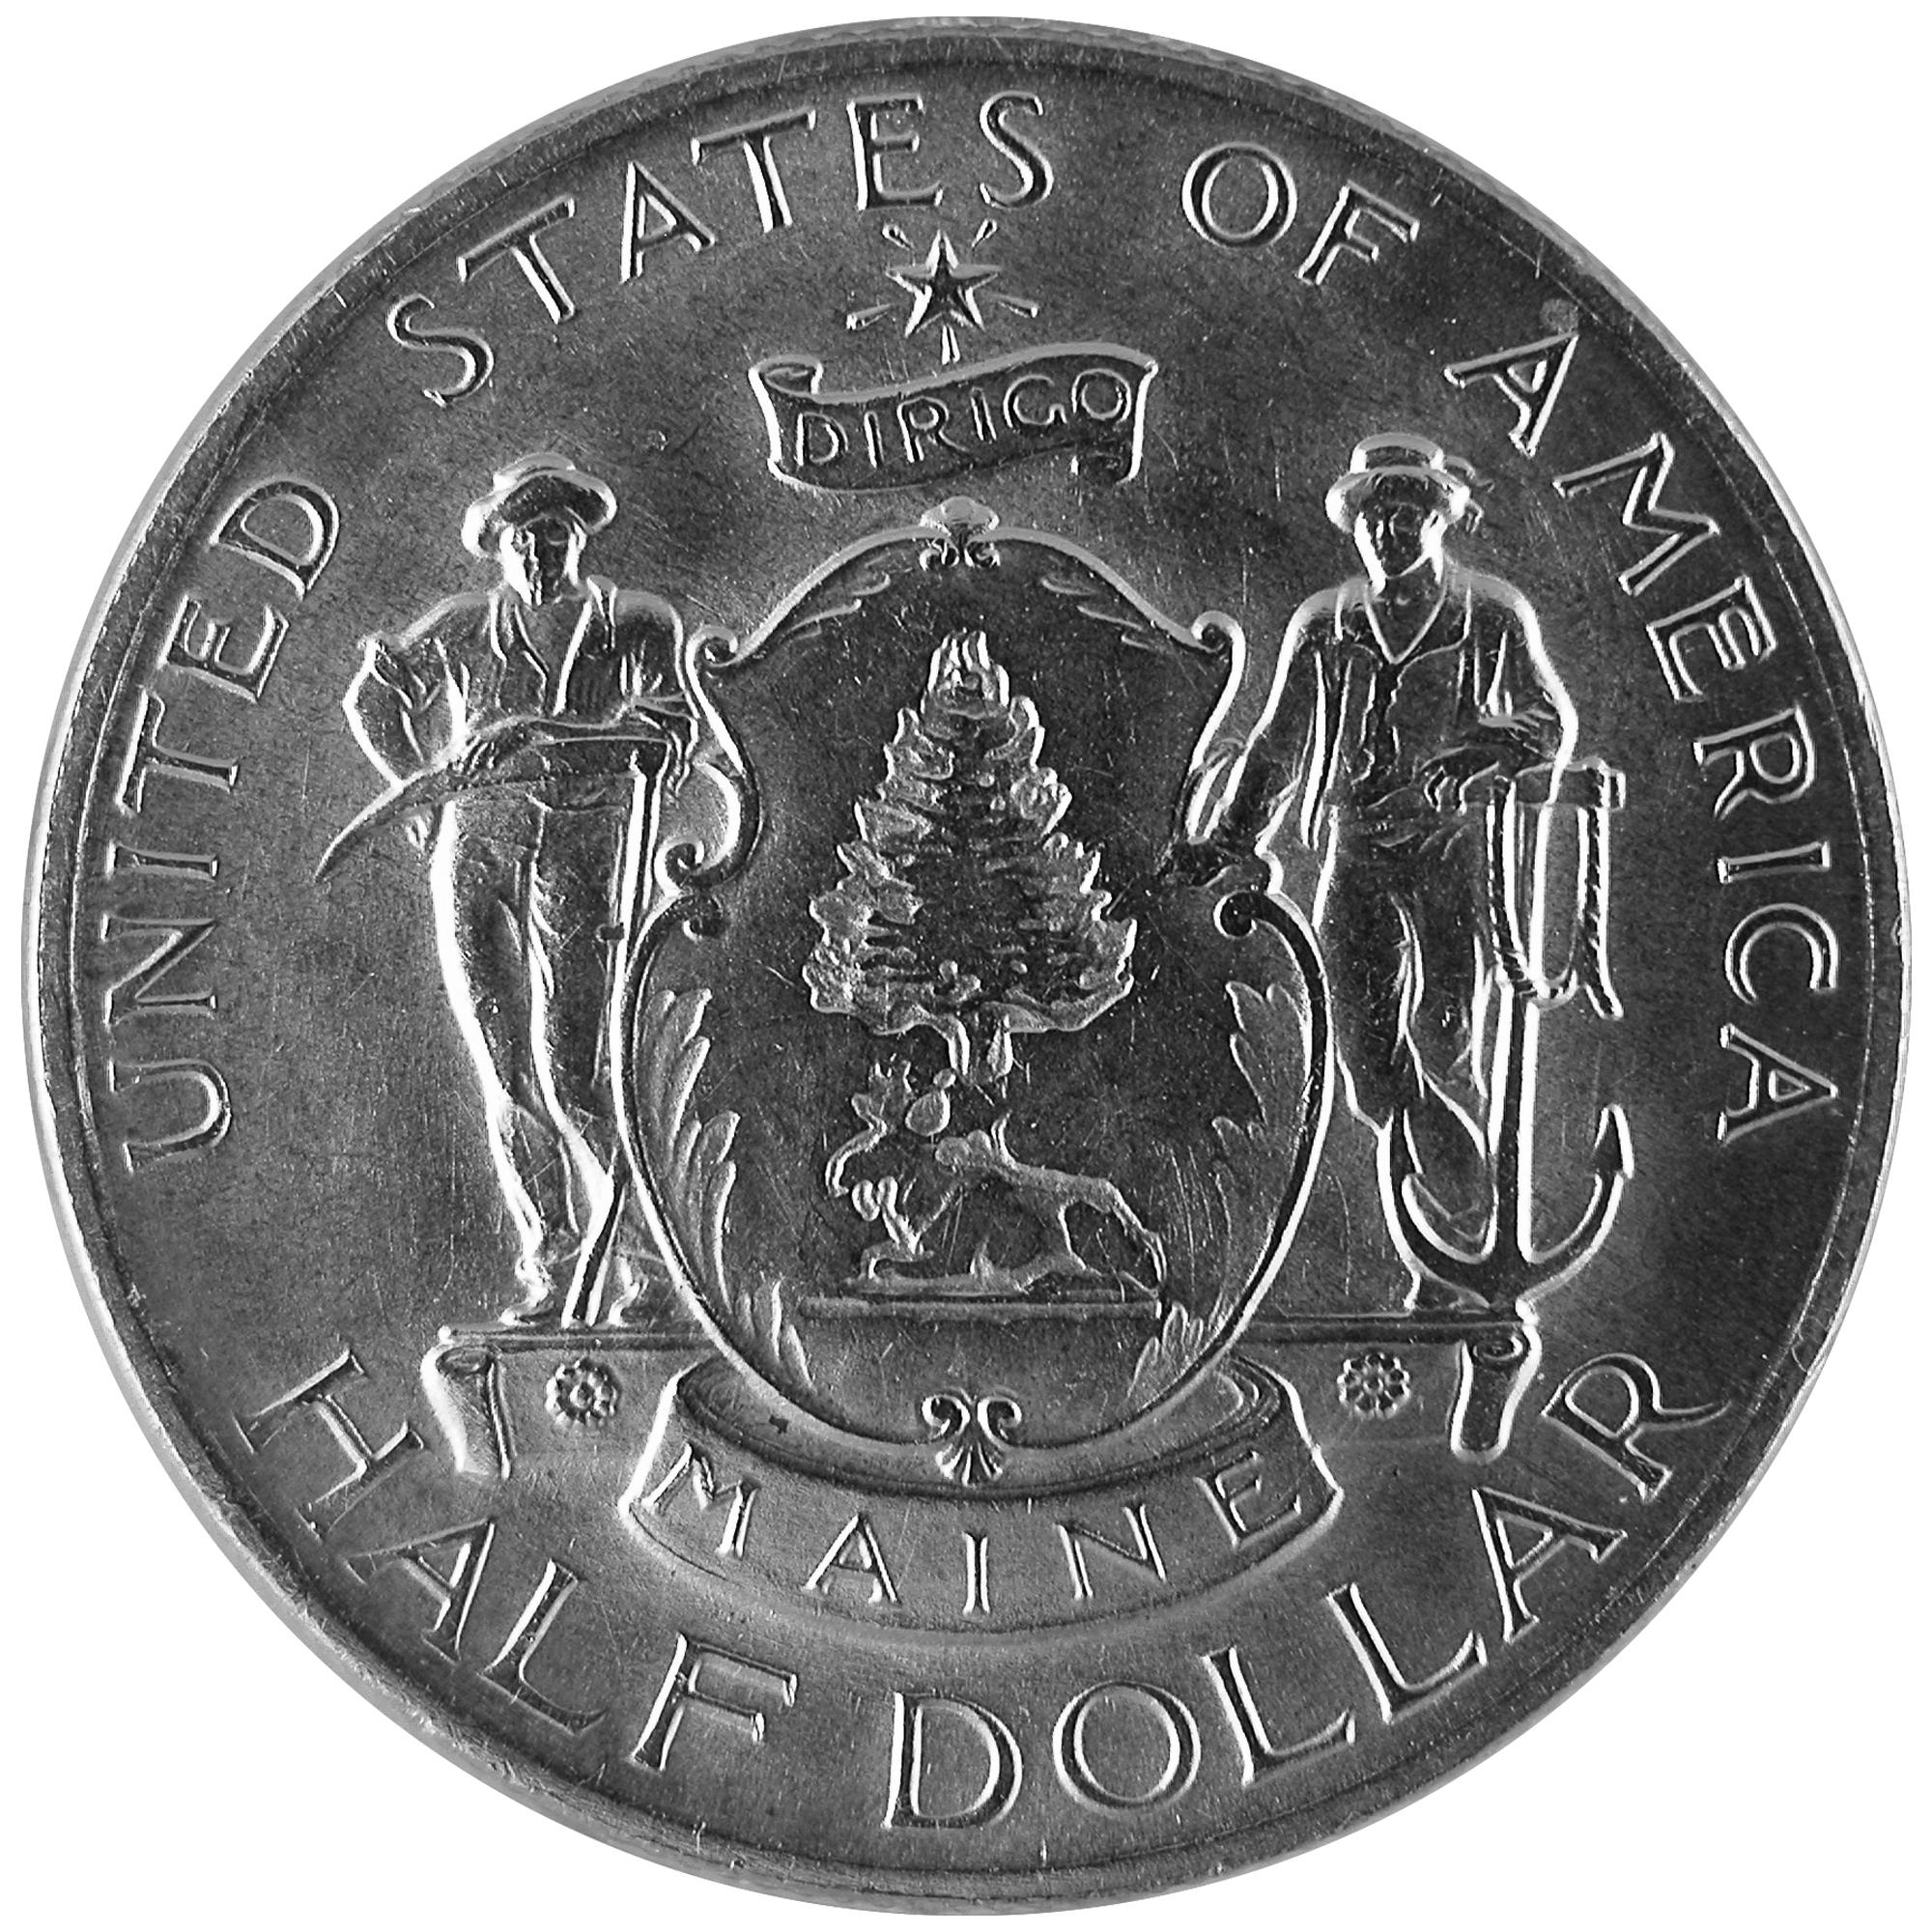 1920 Maine Centennial Commemorative Silver Half Dollar Coin Obverse